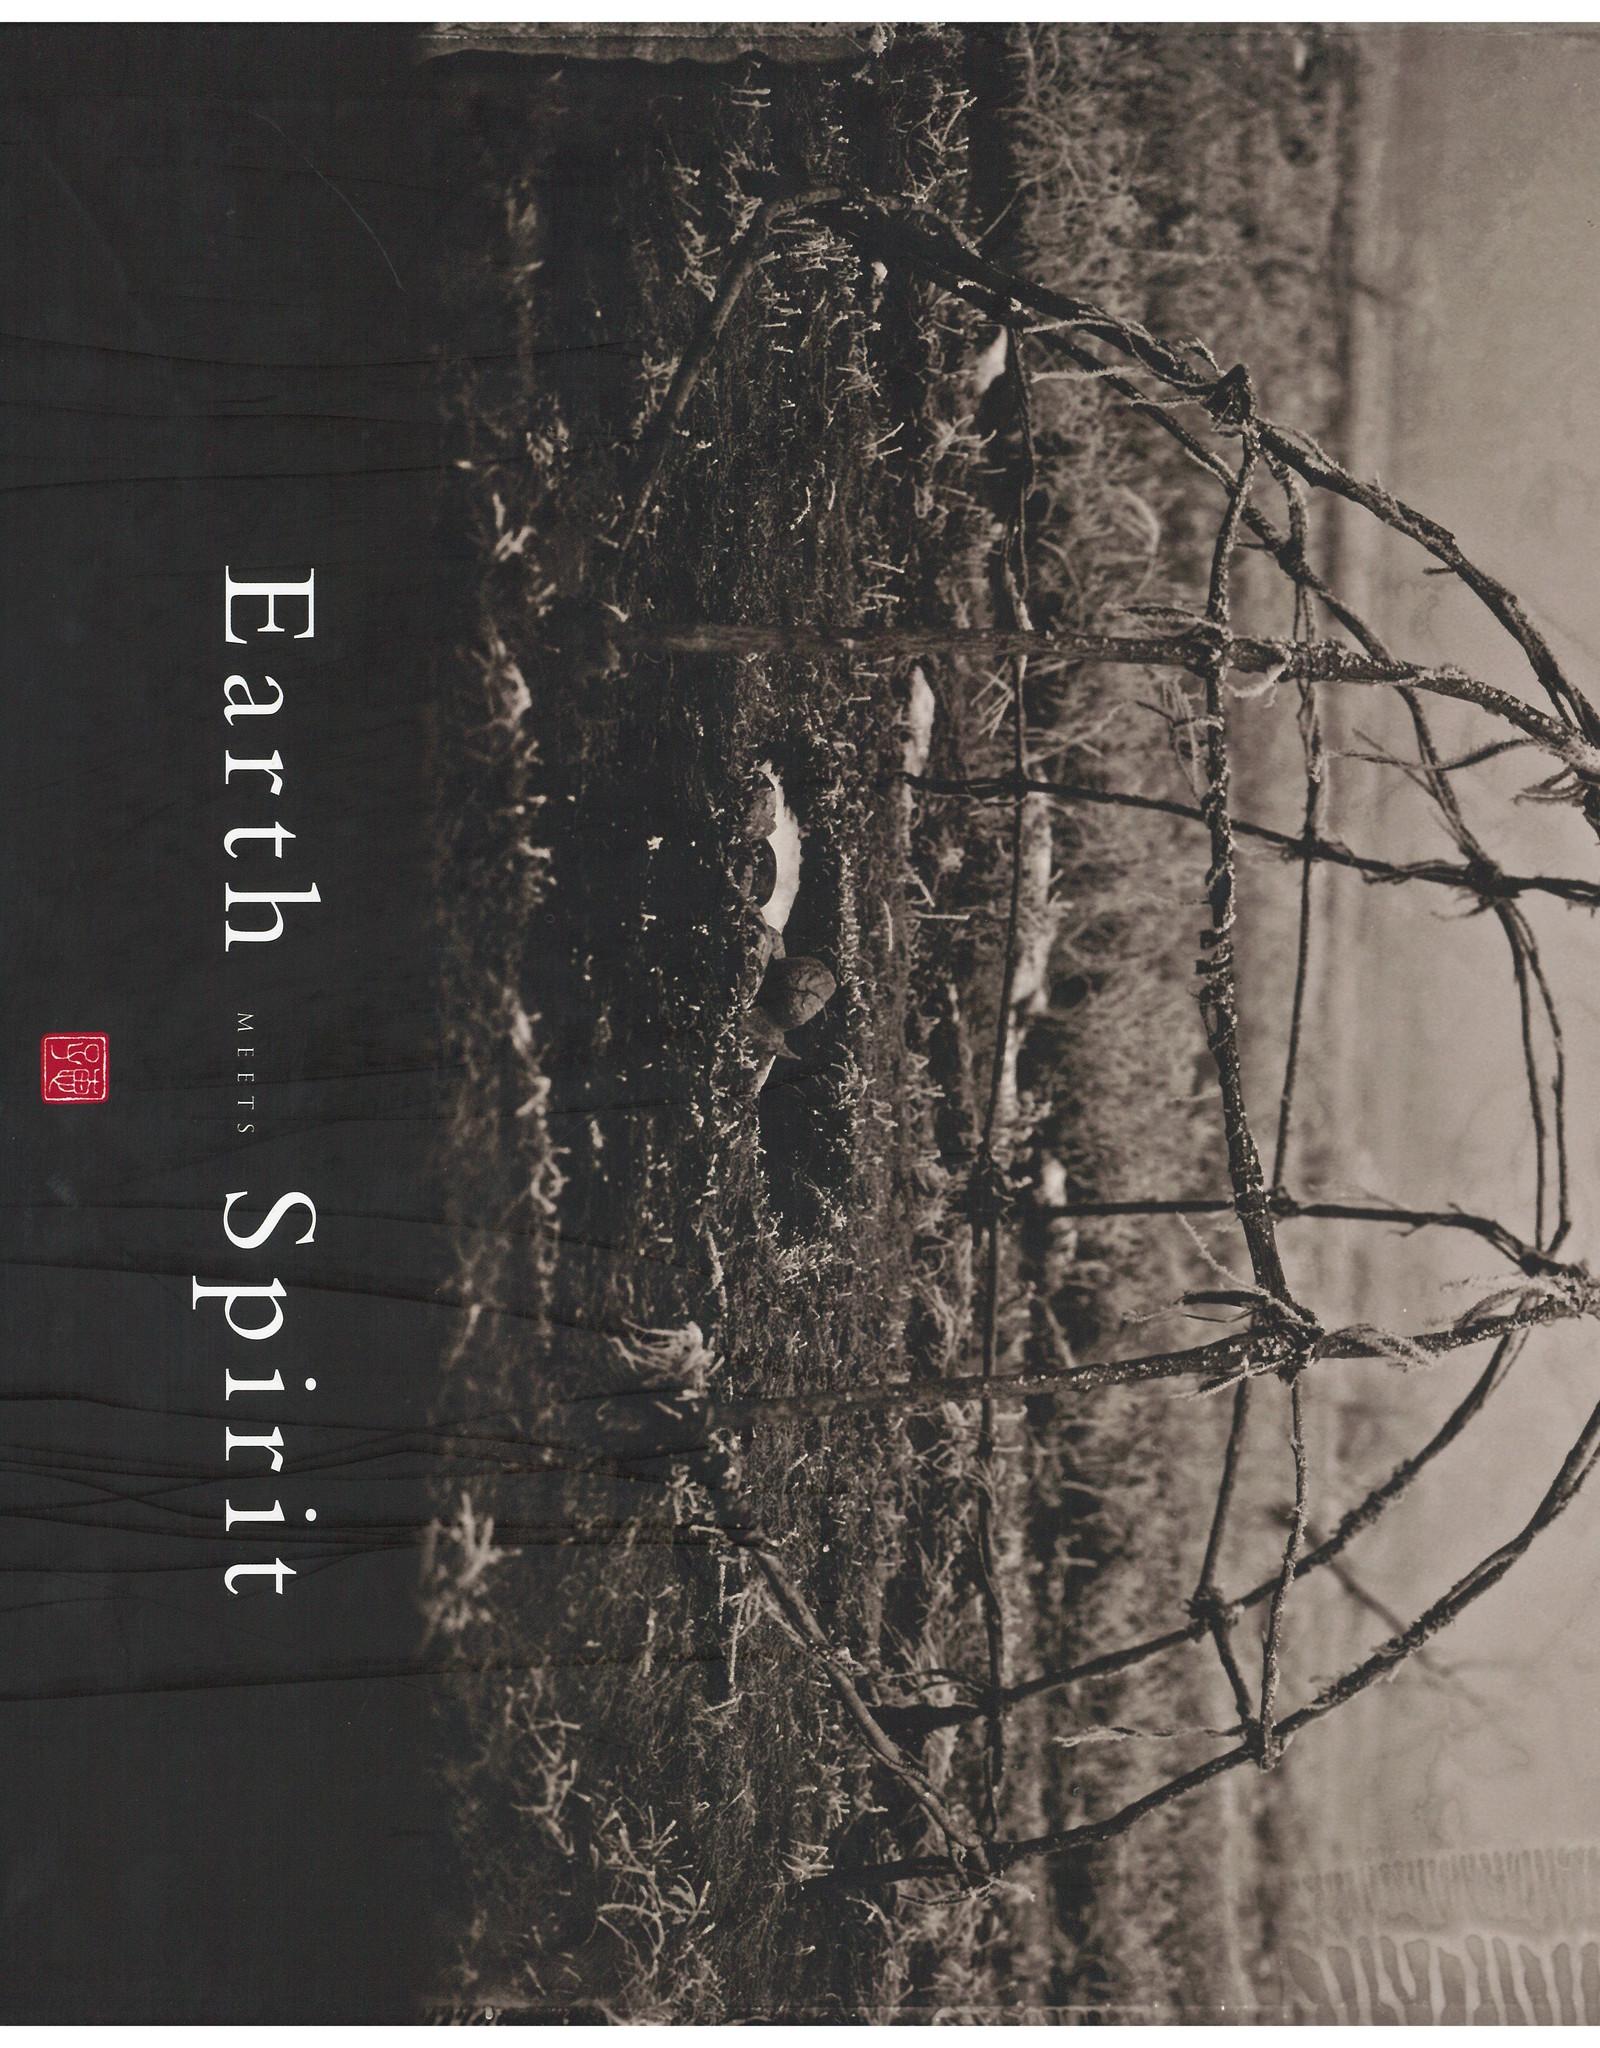 Earth Meets Spirit / Douglas Beasley